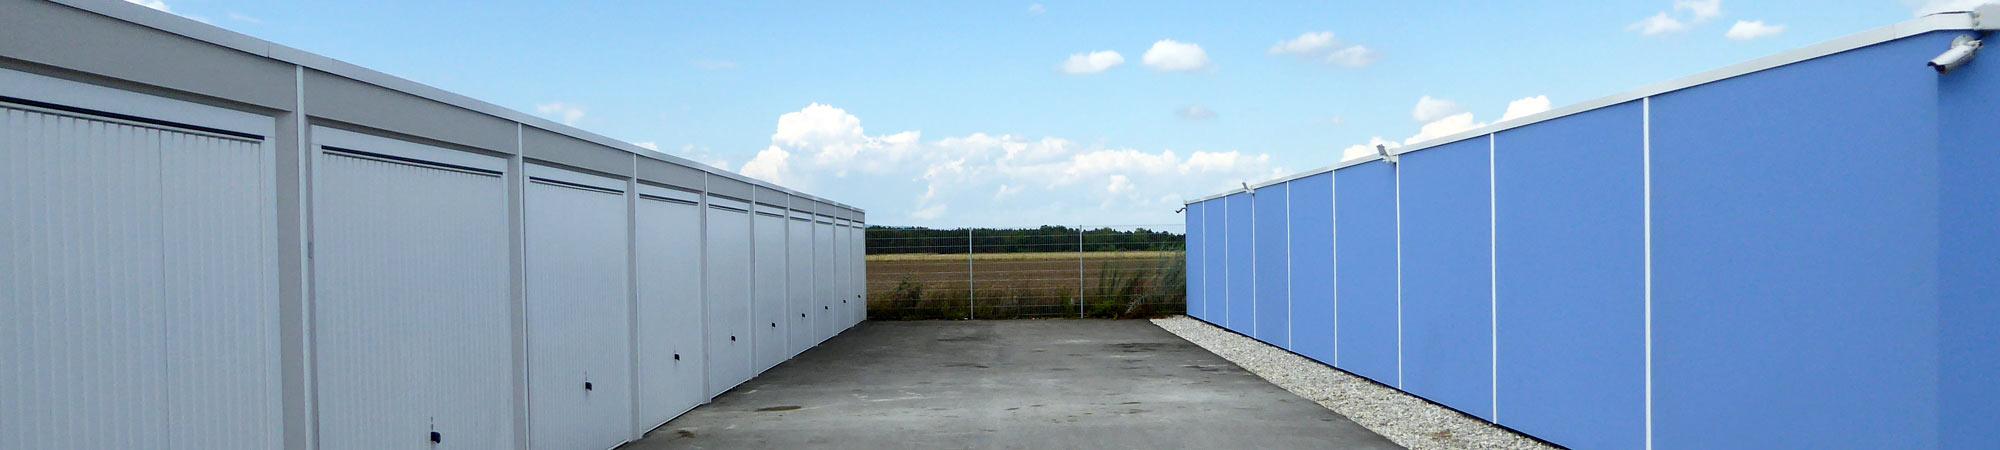 marc freysinger garagen und container vermietung von garagen. Black Bedroom Furniture Sets. Home Design Ideas